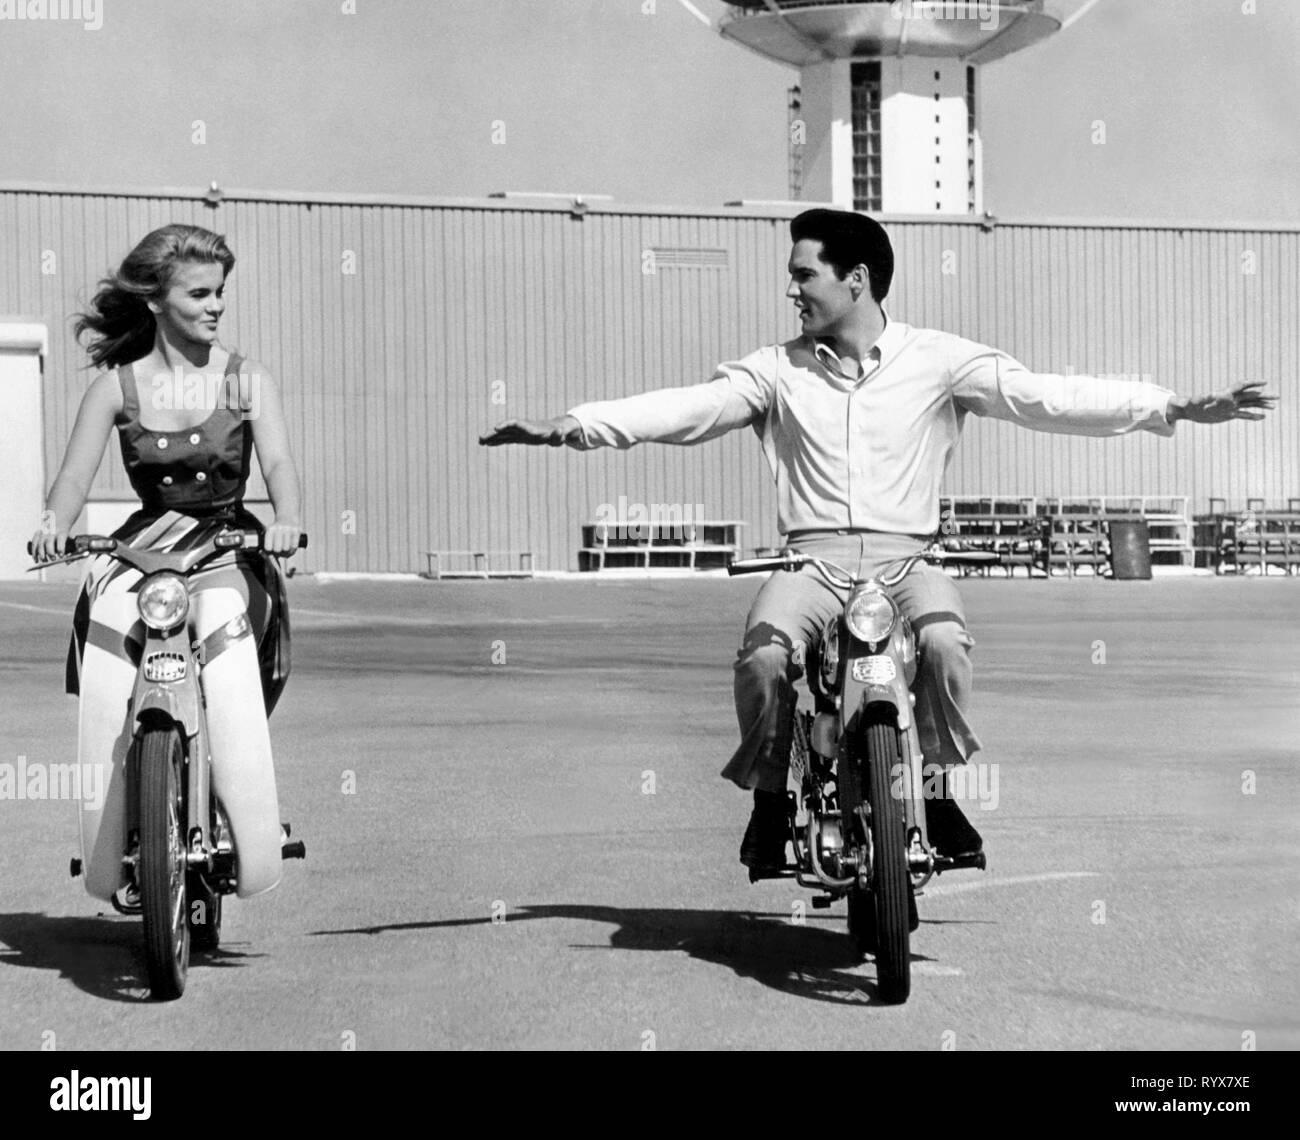 ANN-MARGRET,ELVIS PRESLEY, VIVA LAS VEGAS, 1964 - Stock Image